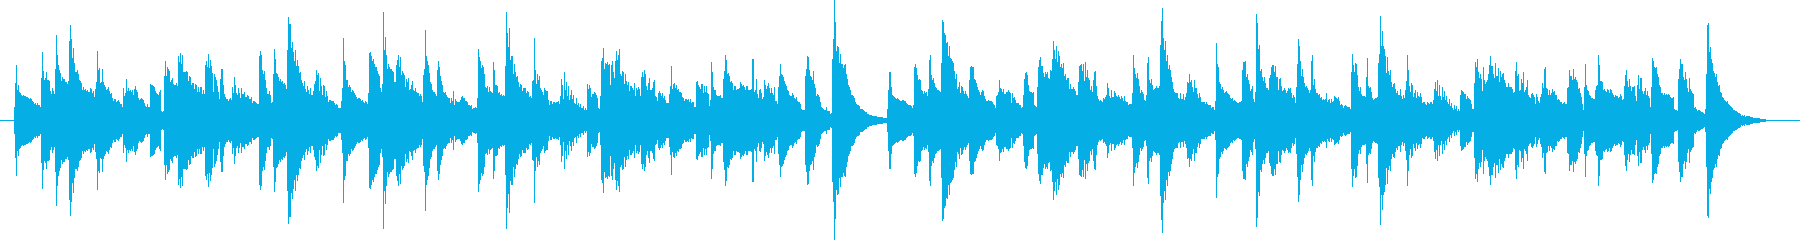 20秒のシンプルで短いコミカルな曲です。の再生済みの波形